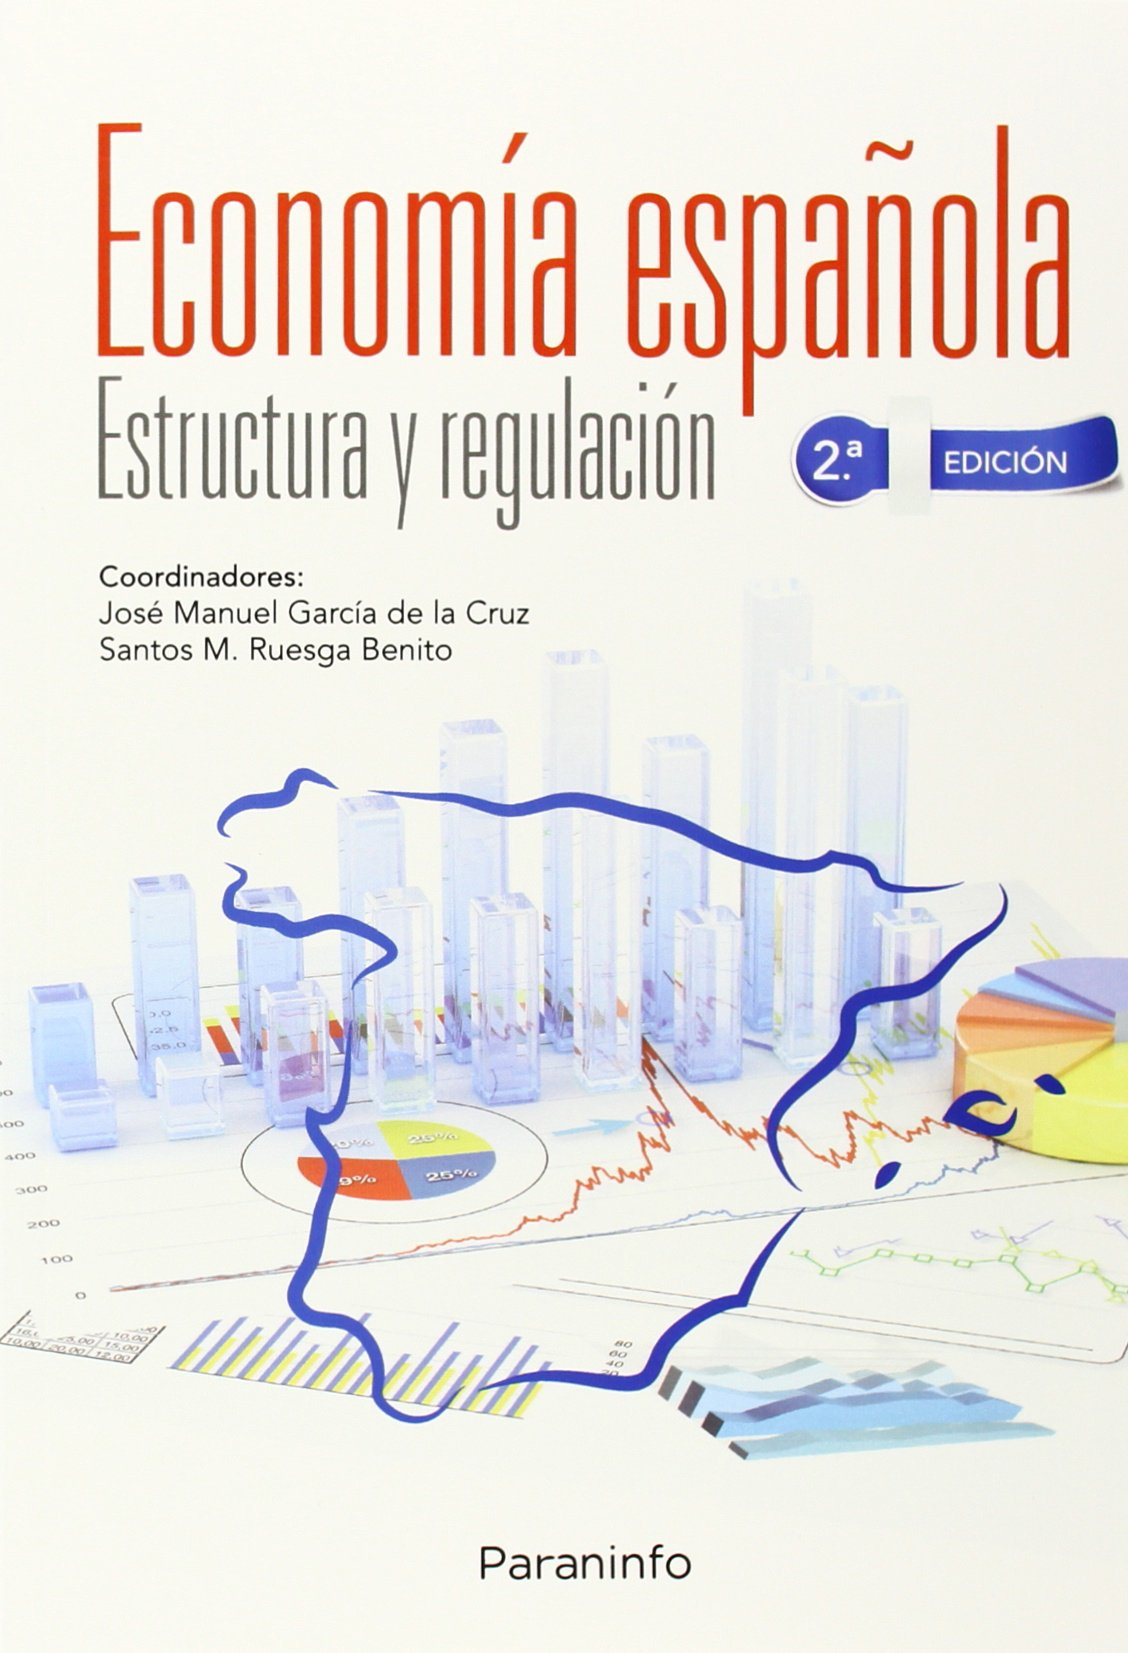 Economía Española: Amazon.es: GARCÍA DE LA CRUZ, JOSÉ MANUEL, RUESGA BENITO, SANTOS MIGUEL: Libros